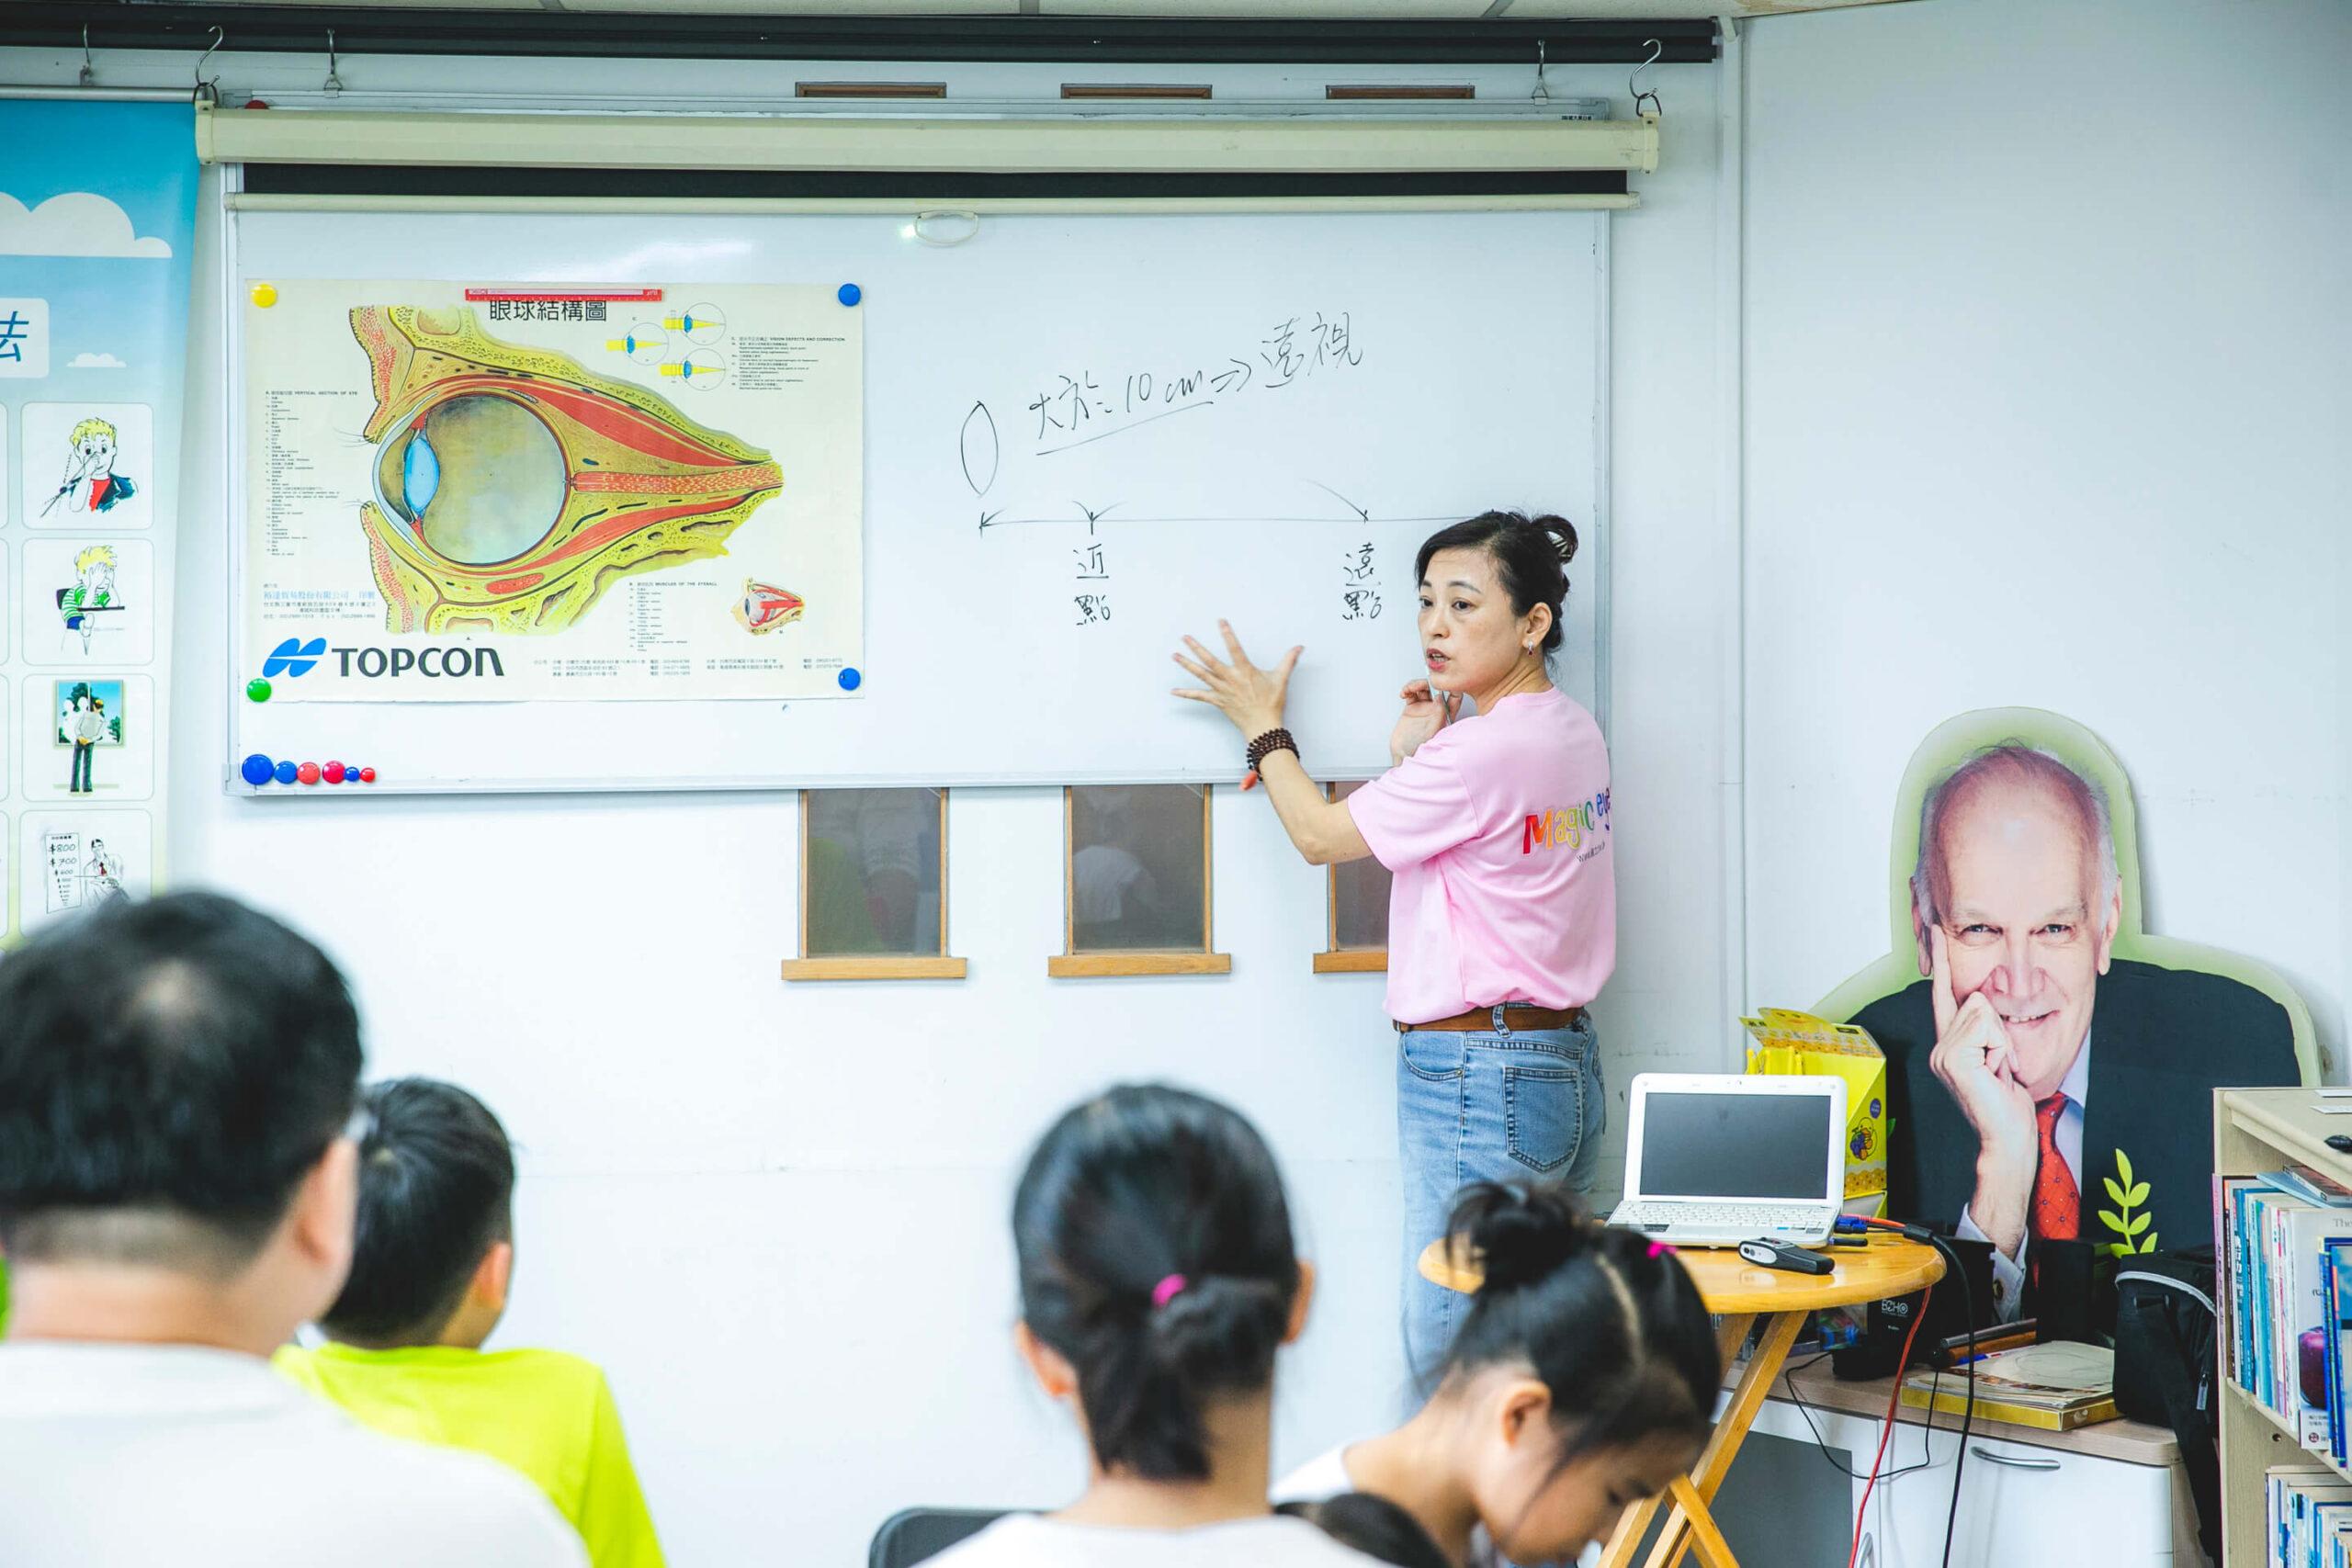 視力訓練課程對哪些眼疾有效?哪些沒用?